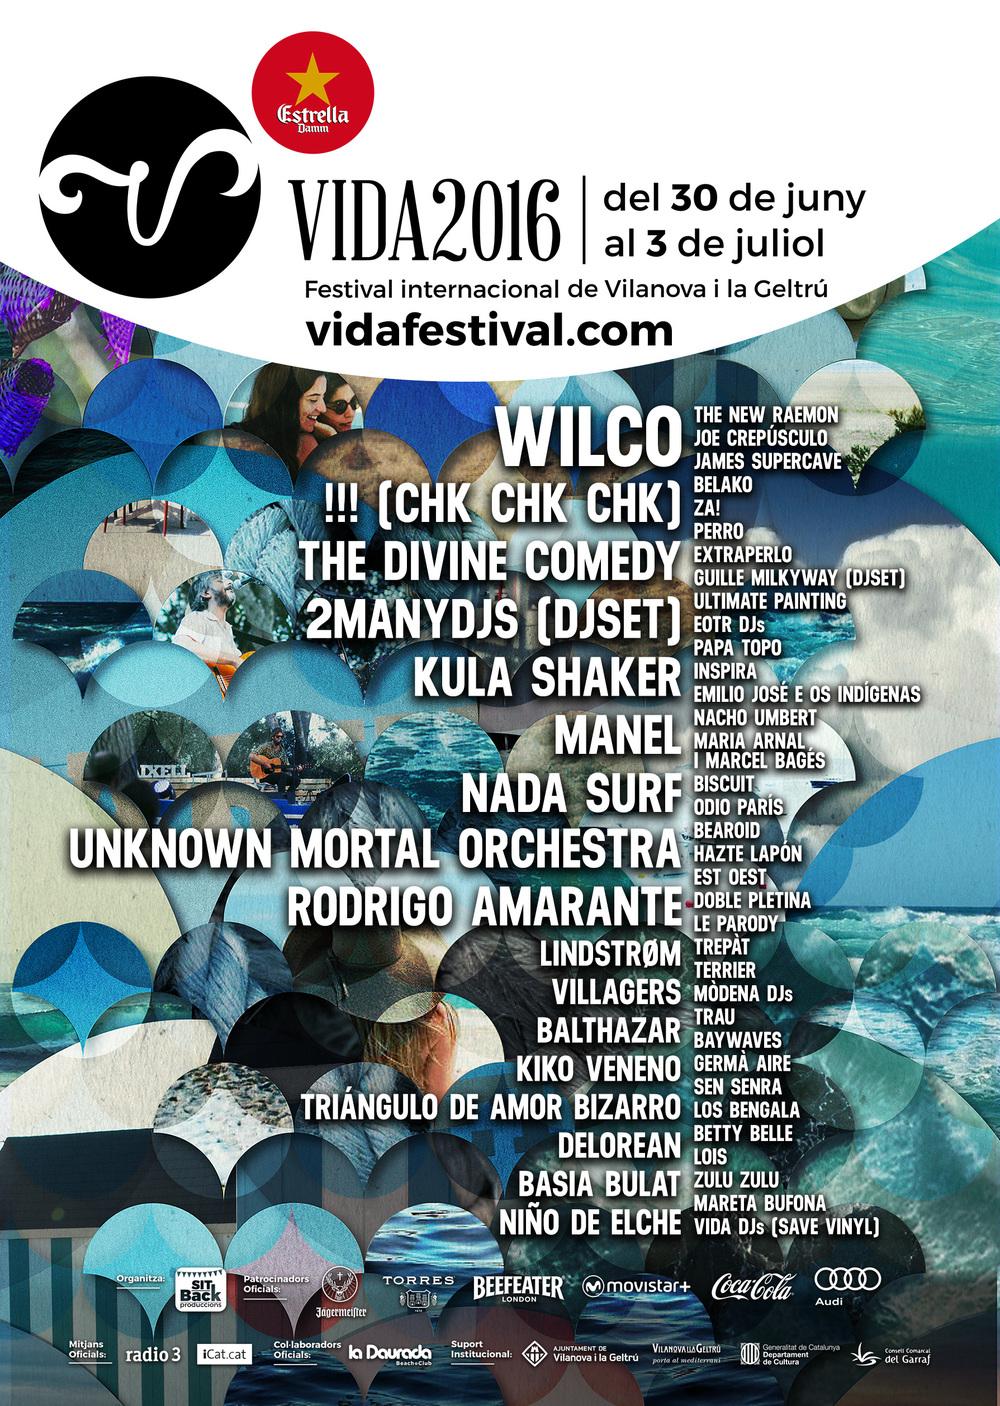 VIDA 2016